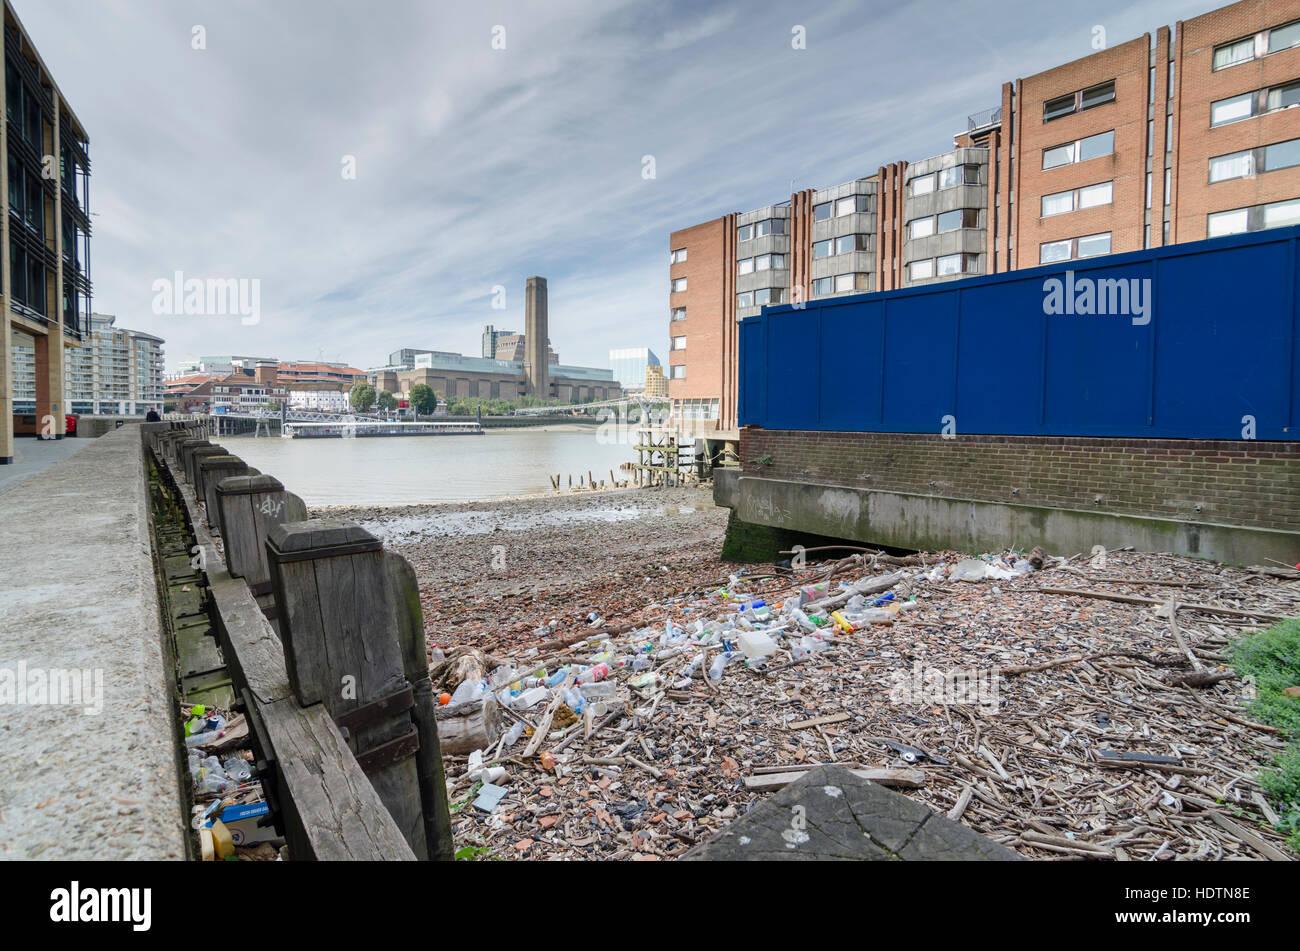 Bottiglie di plastica e il cestino dei rifiuti in Queens Quay / Queenhithe sulle rive del fiume Tamigi, London, Immagini Stock